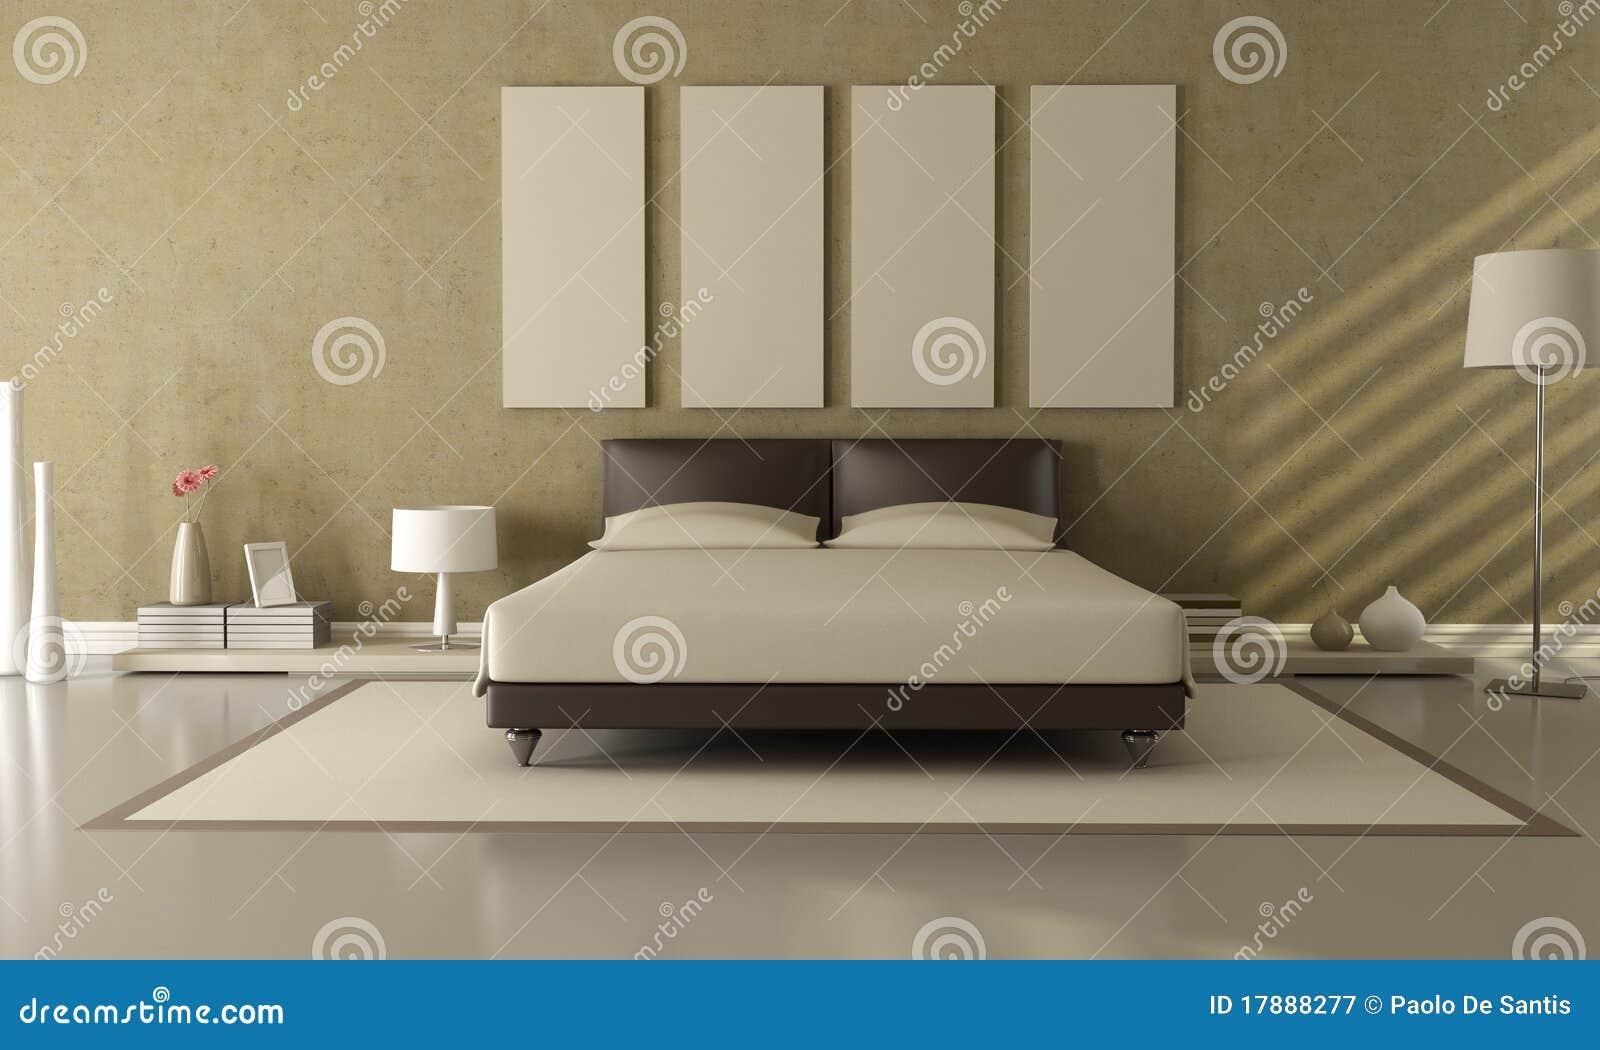 Bruine en beige slaapkamer royalty vrije stock fotografie beeld 17888277 - Bruine en beige badkamer ...